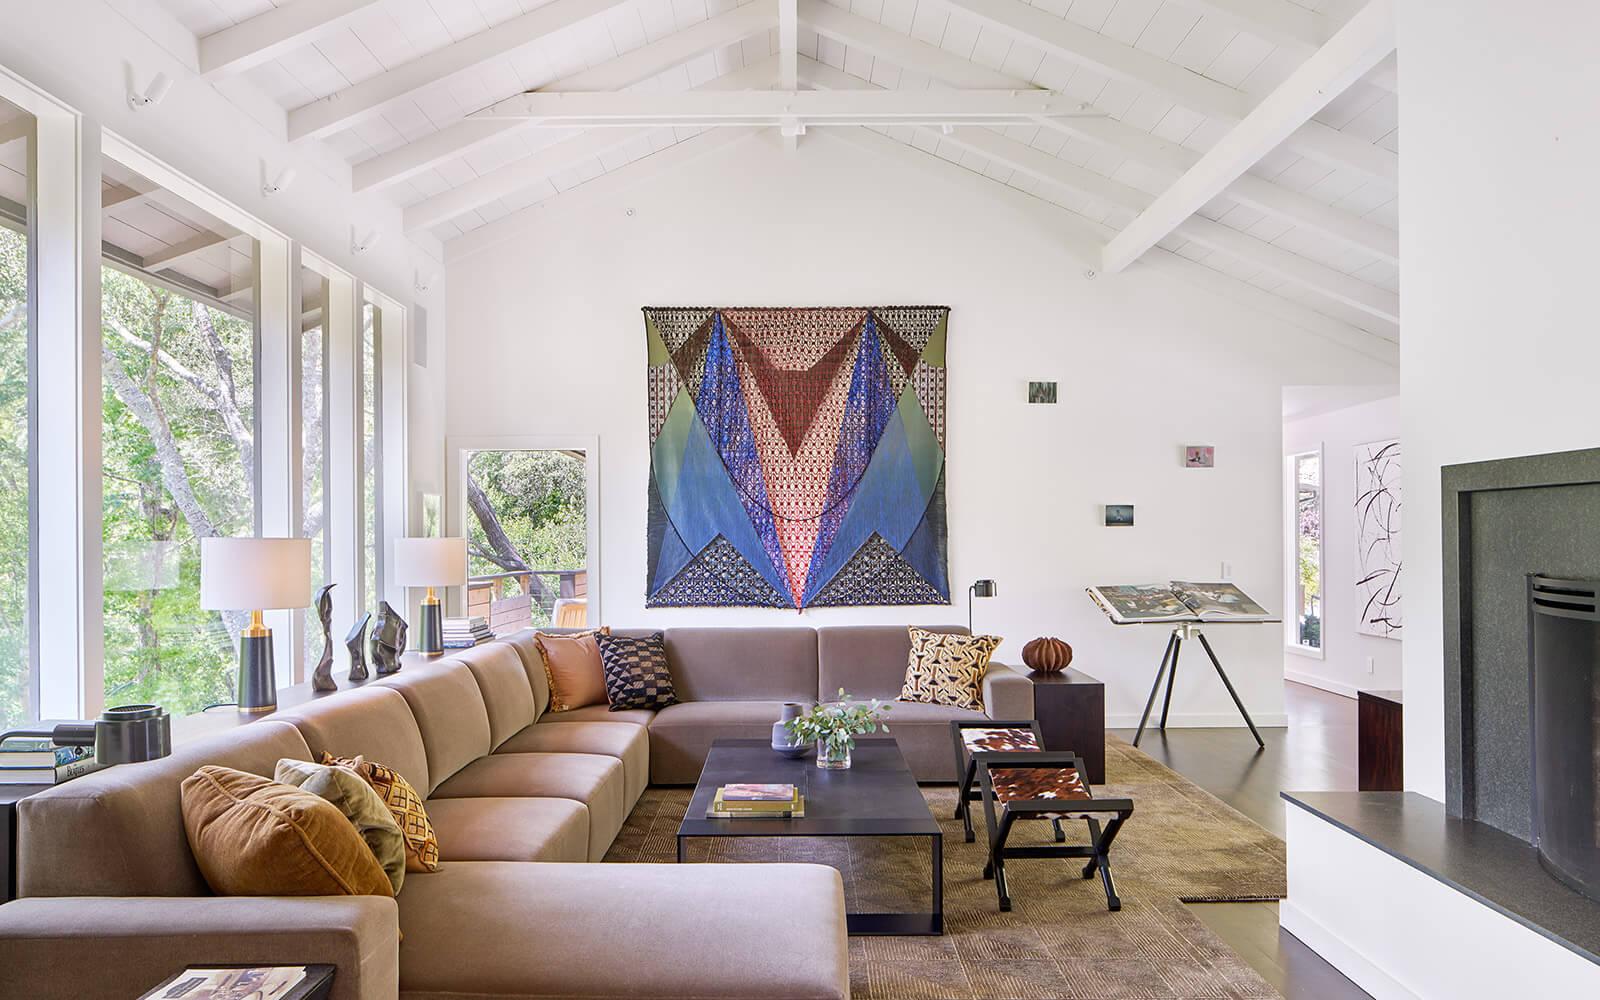 studio vara residential Kentfield living room interior